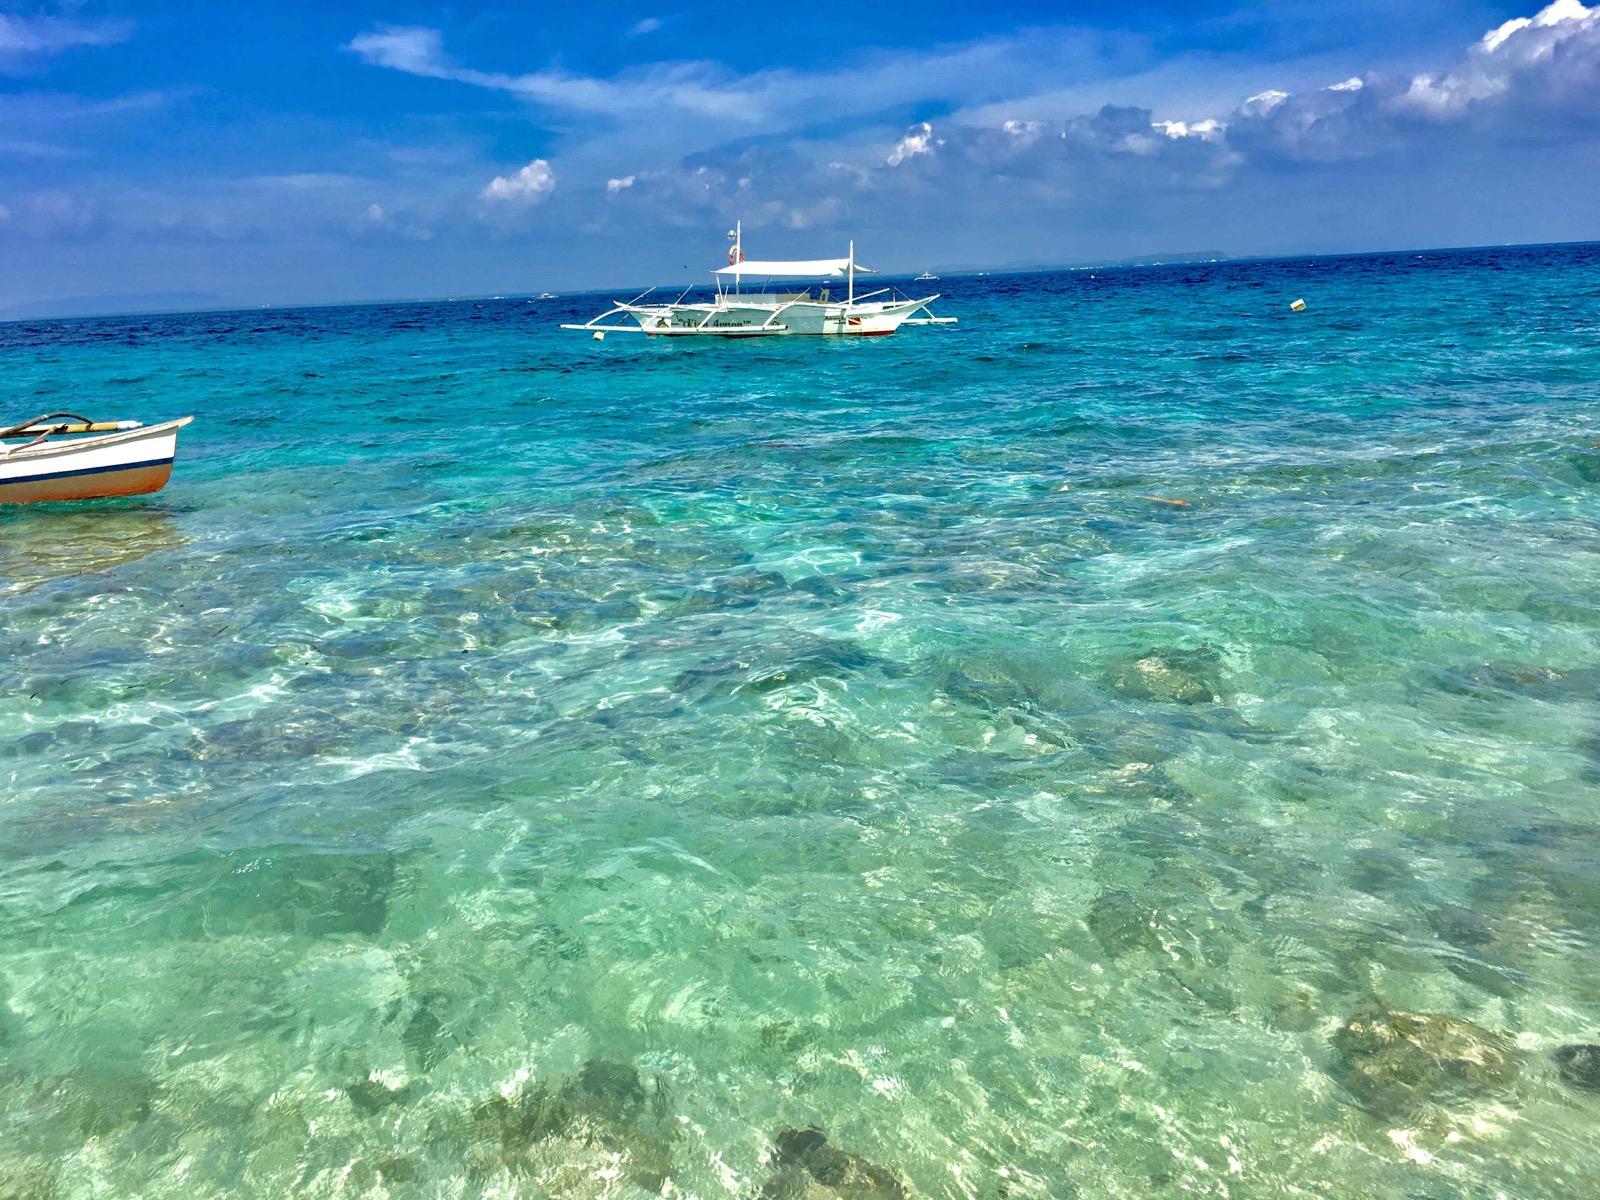 Soggiorno mare Isola di Bohol – Speciale Capodanno